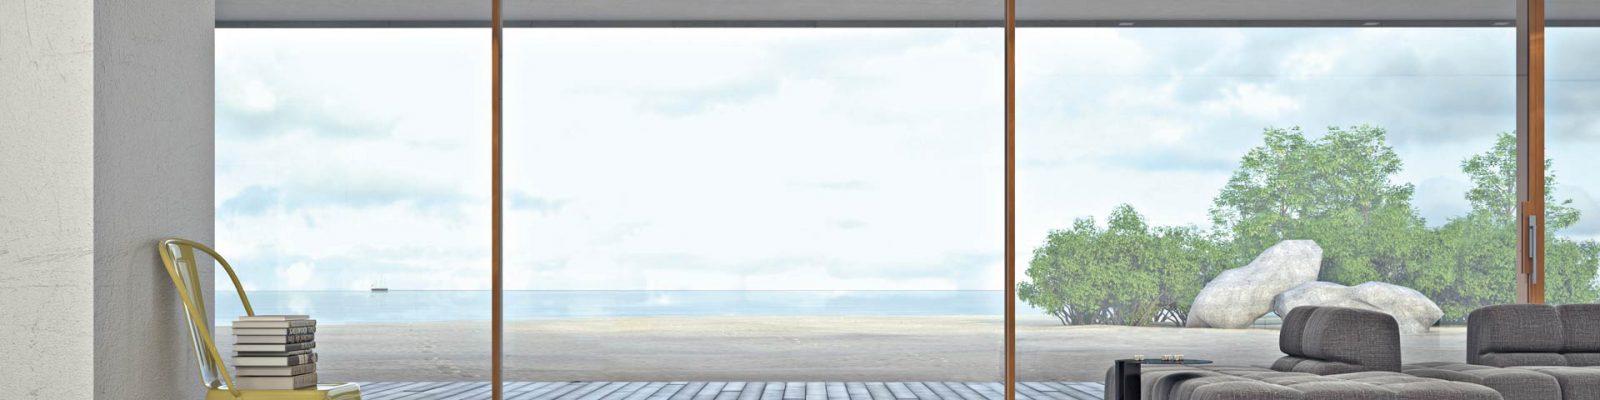 Skyline Drive, image de la bannière